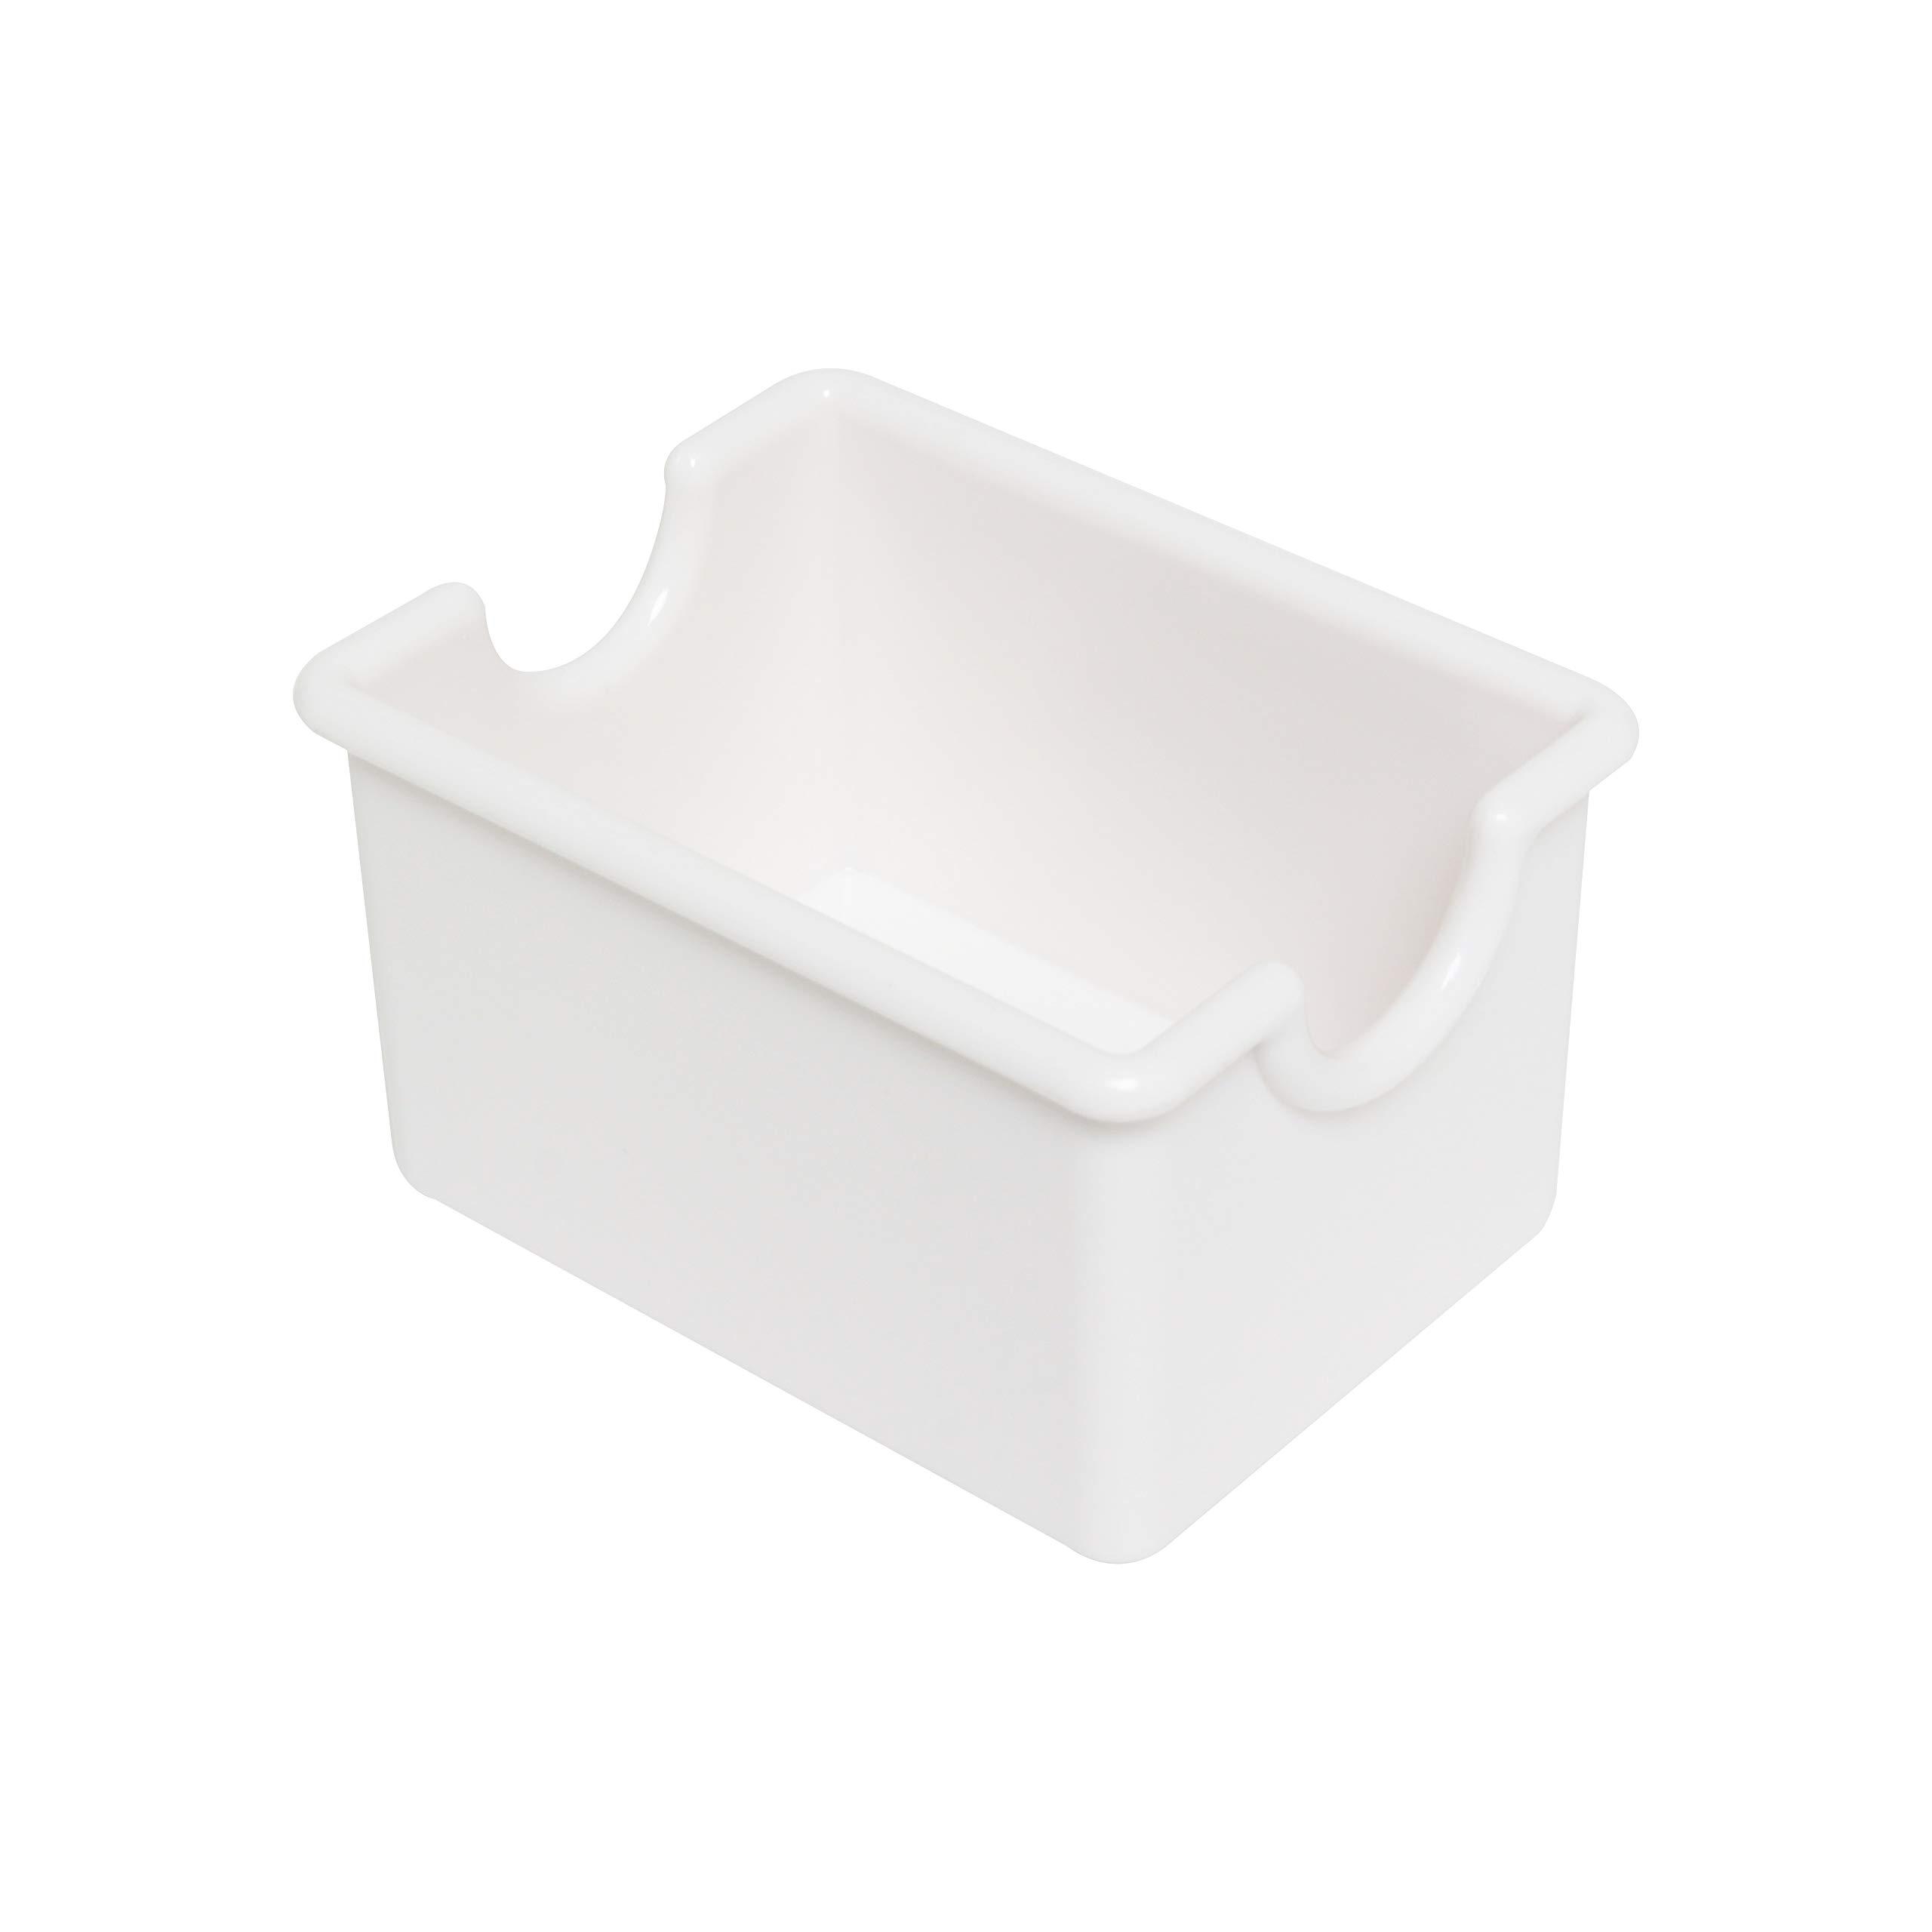 Restaurant Essentials Sugar packet holder, white, comes in dozen